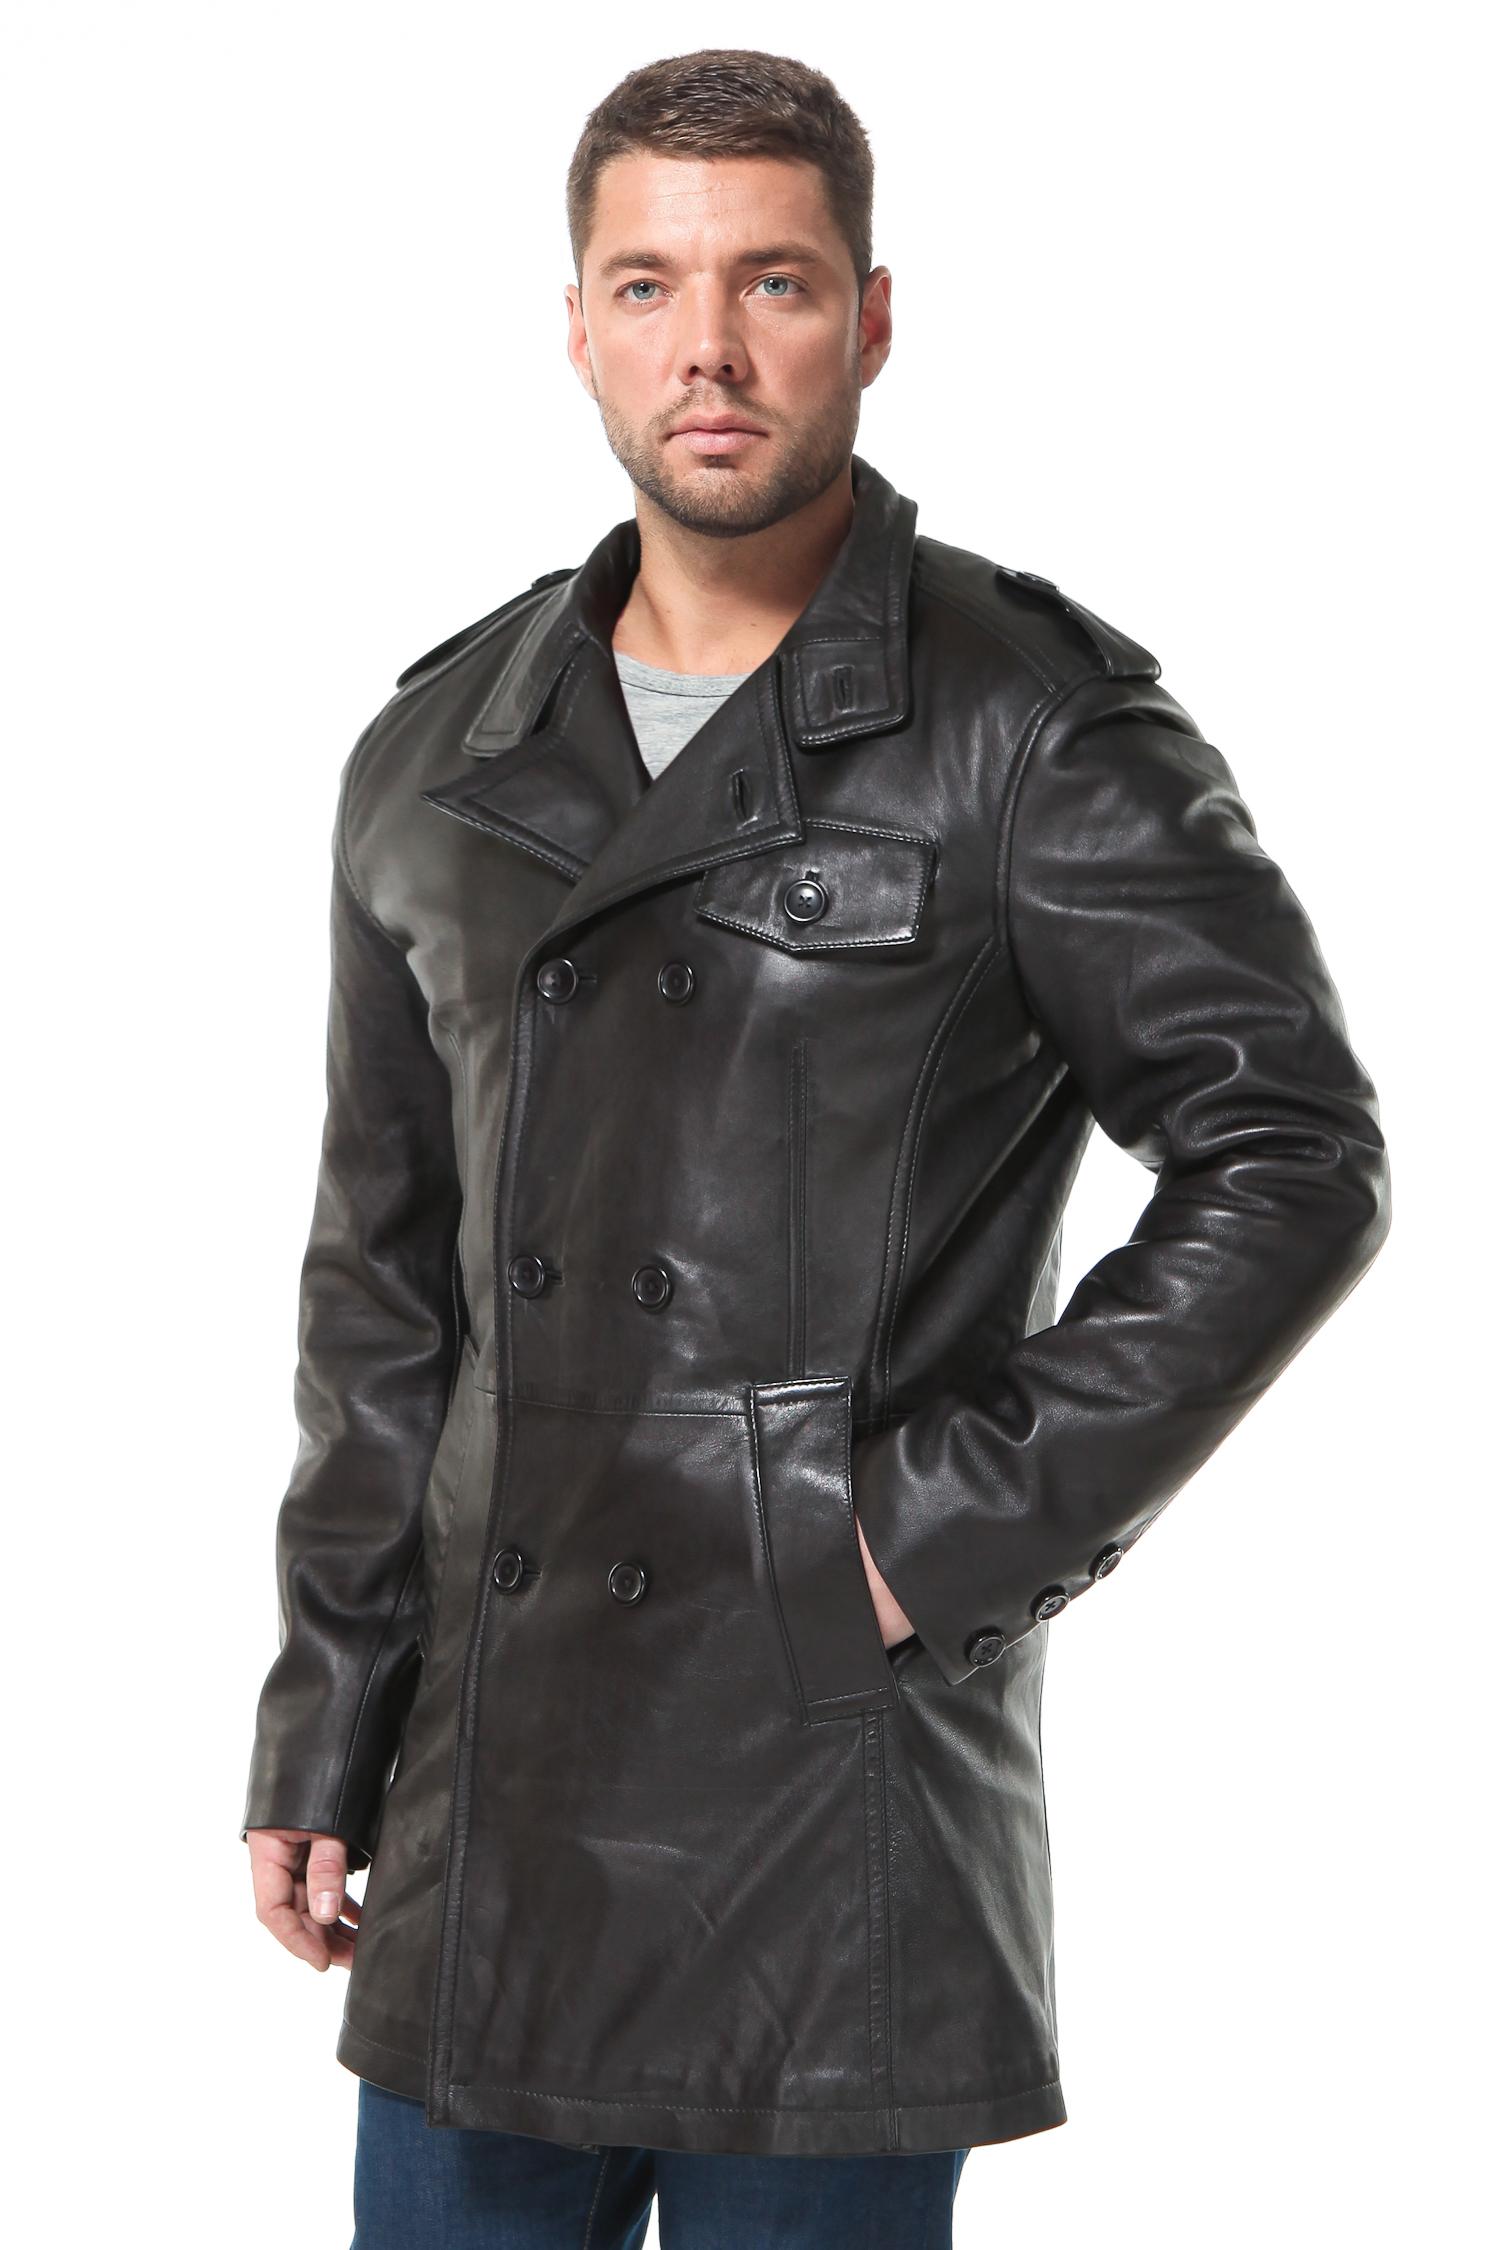 Мужская кожаная куртка из натуральной кожи с вортником, без отделки